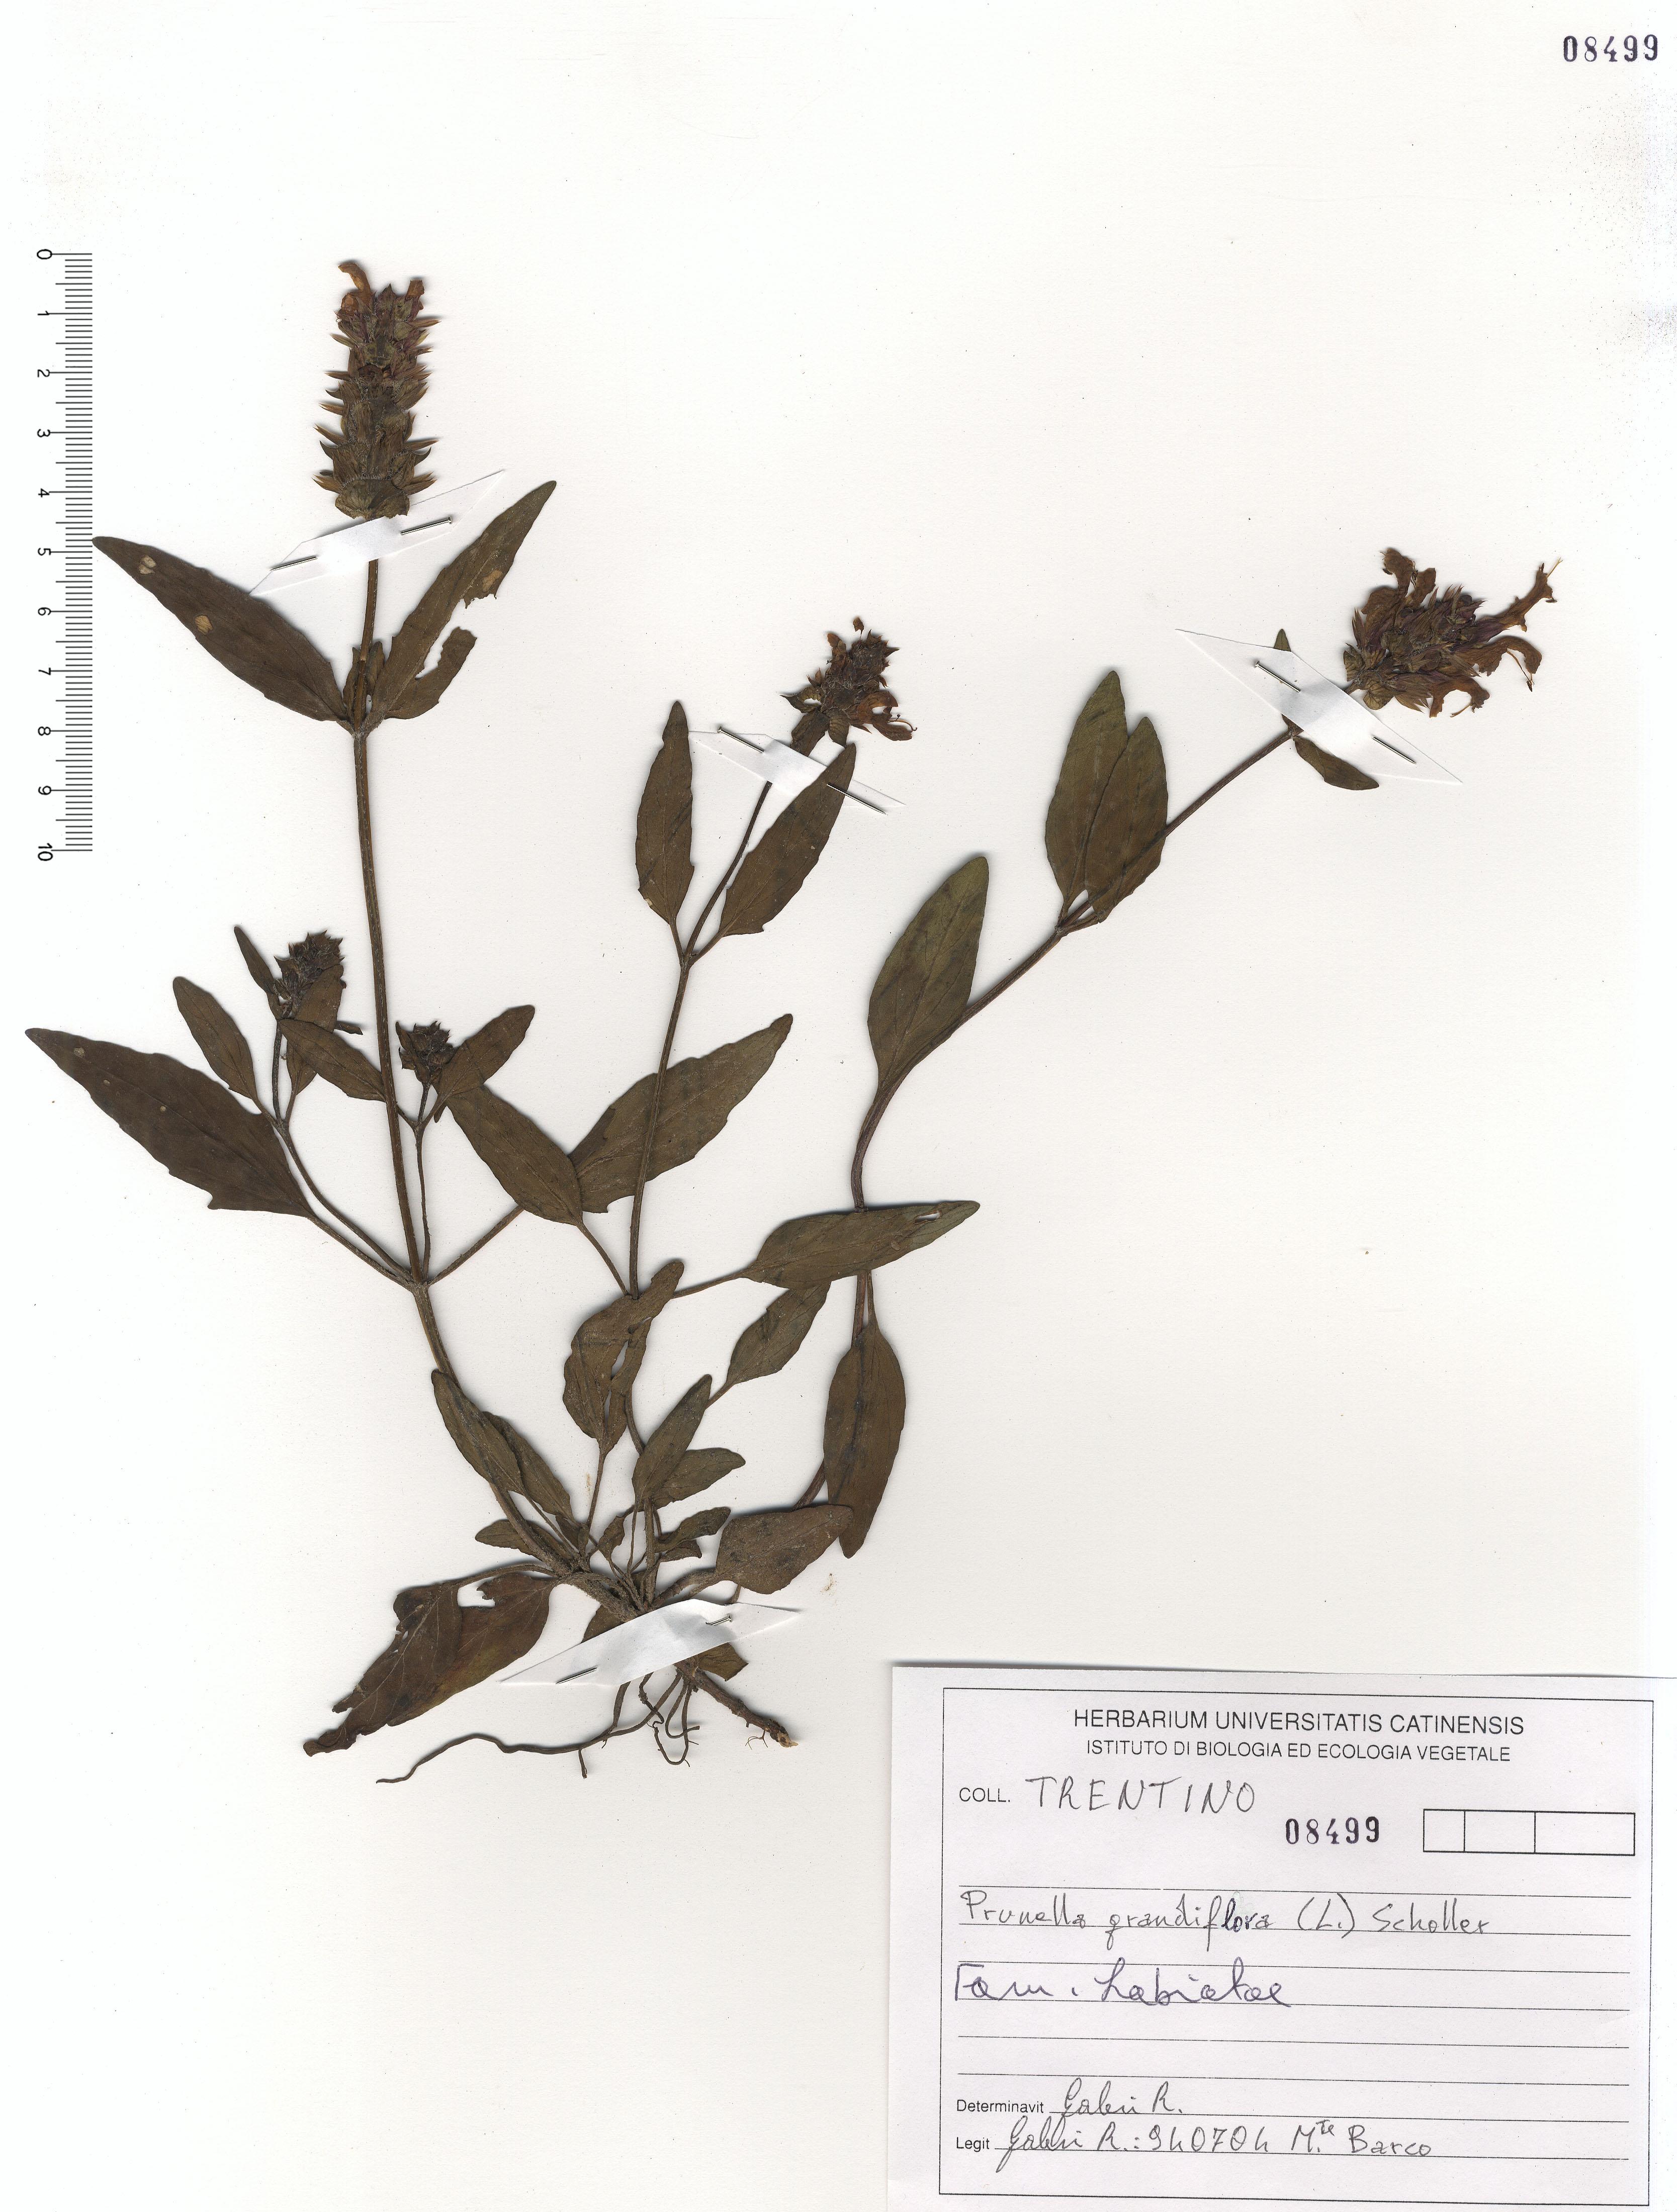 © Hortus Botanicus Catinensis - Herb. sheet 108499<br>